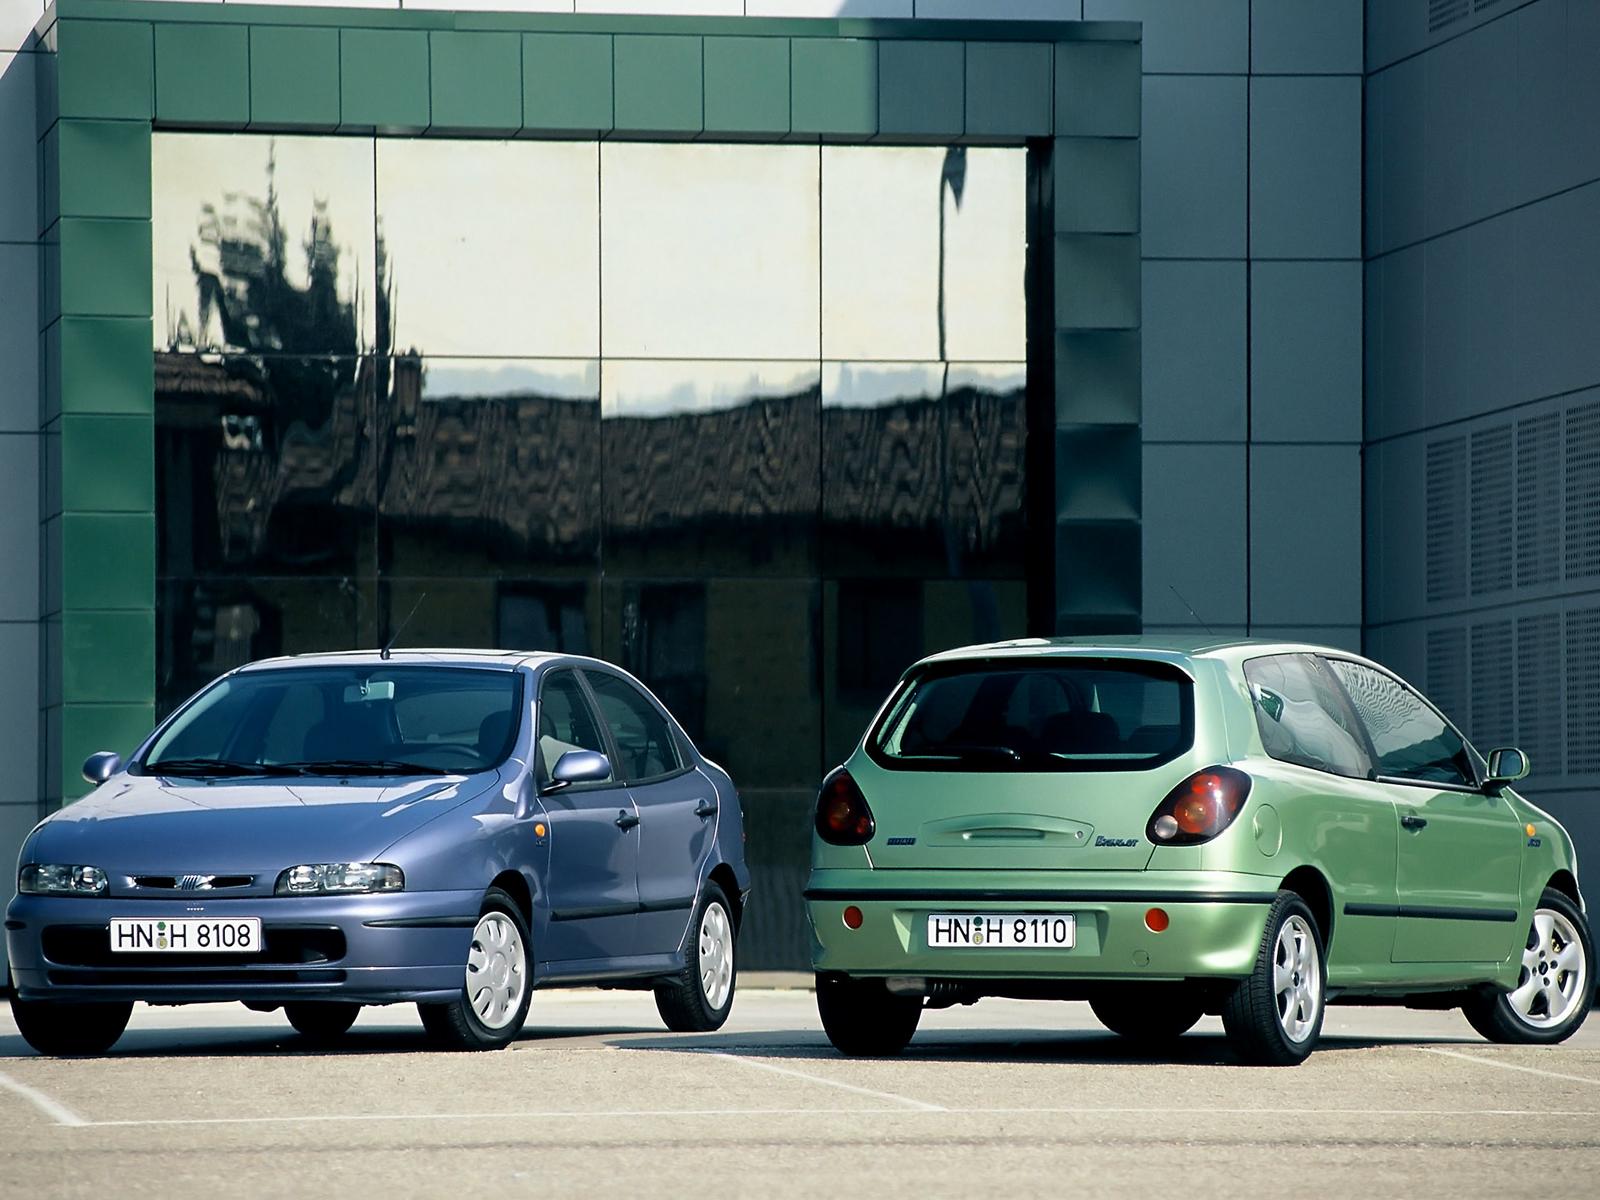 fiat-bravo-fiat-barva-auto-dell'anno-1996